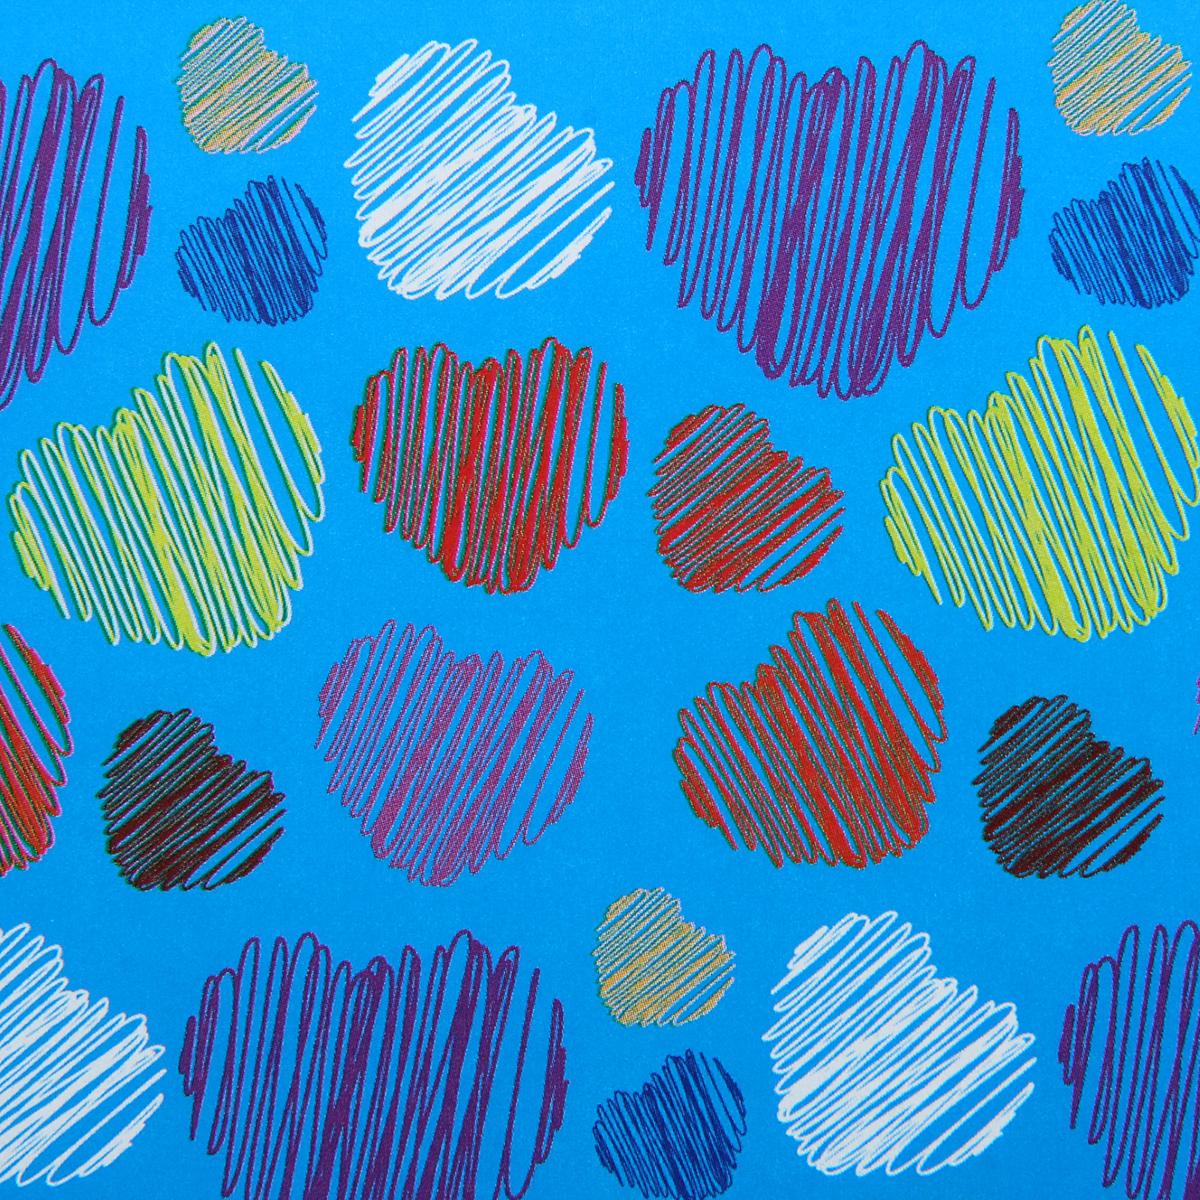 Бумага упаковочная Разноцветные сердца, 52 х 76 см. 852386852386Какой бы замечательный подарок вы ни подобрали для близкого человека, не стоит забывать, что и его праздничное оформление — ответственный этап. Первое впечатление очень важно, а неопрятный вид может полностью его испортить. Упаковочная бумага «Букет» — прекрасный образец достойного оформления, который радует глаз своей красотой, а кошелёк — ценой. Рекомендуем приобрести этот товар оптом на нашем сайте, ведь впереди ещё много праздников!